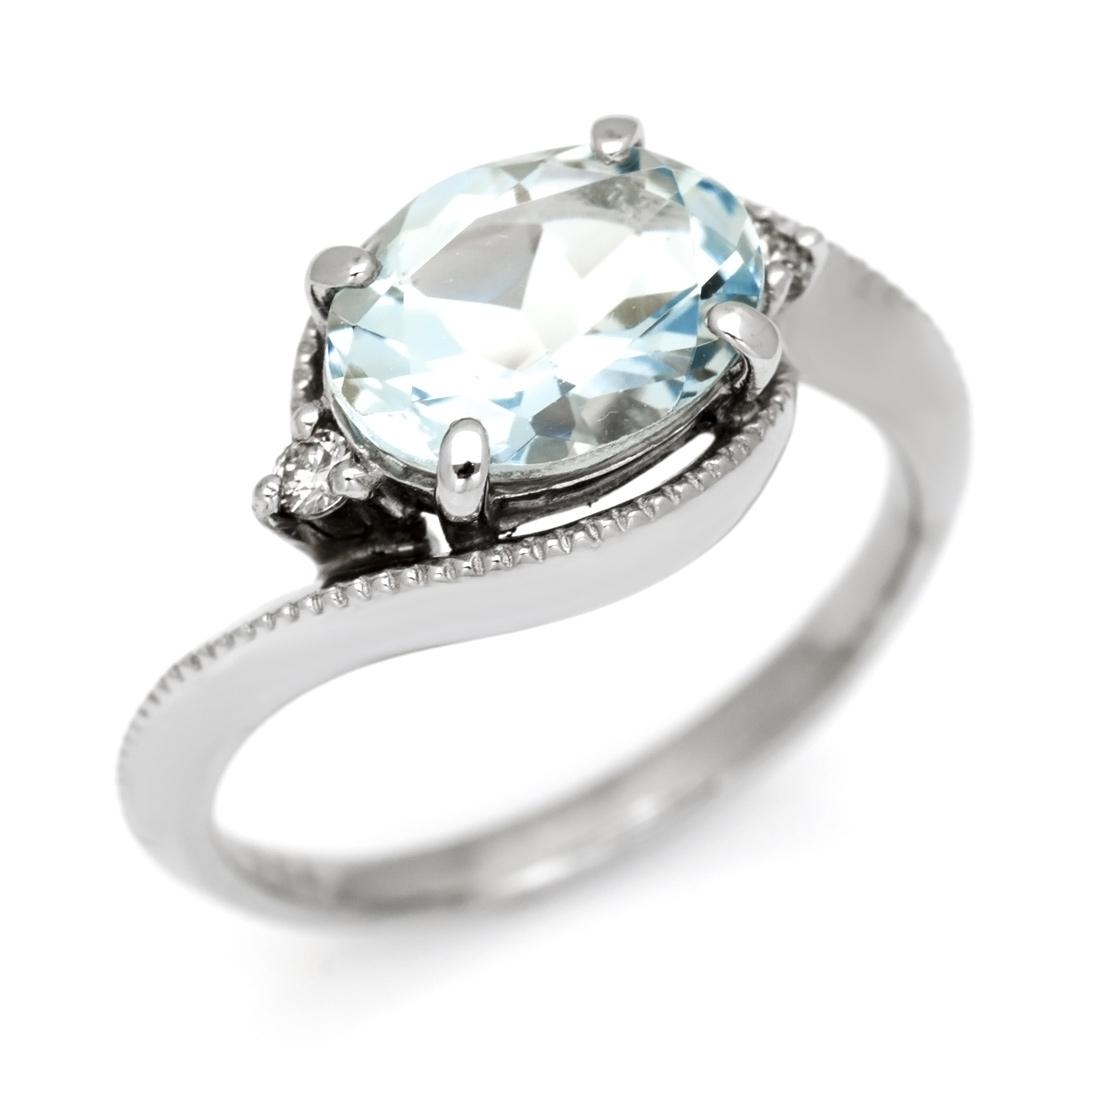 【GWクーポン配布中】K18 アクアマリン 1.5ct ダイヤモンド リング 「pristino」送料無料 指輪 18K 18金 ゴールド アクワマリン ダイアモンド ミル打ち 誕生日 3月誕生石 文字入れ 刻印 ピンキーリング対応可能 メッセージ ギフト 贈り物